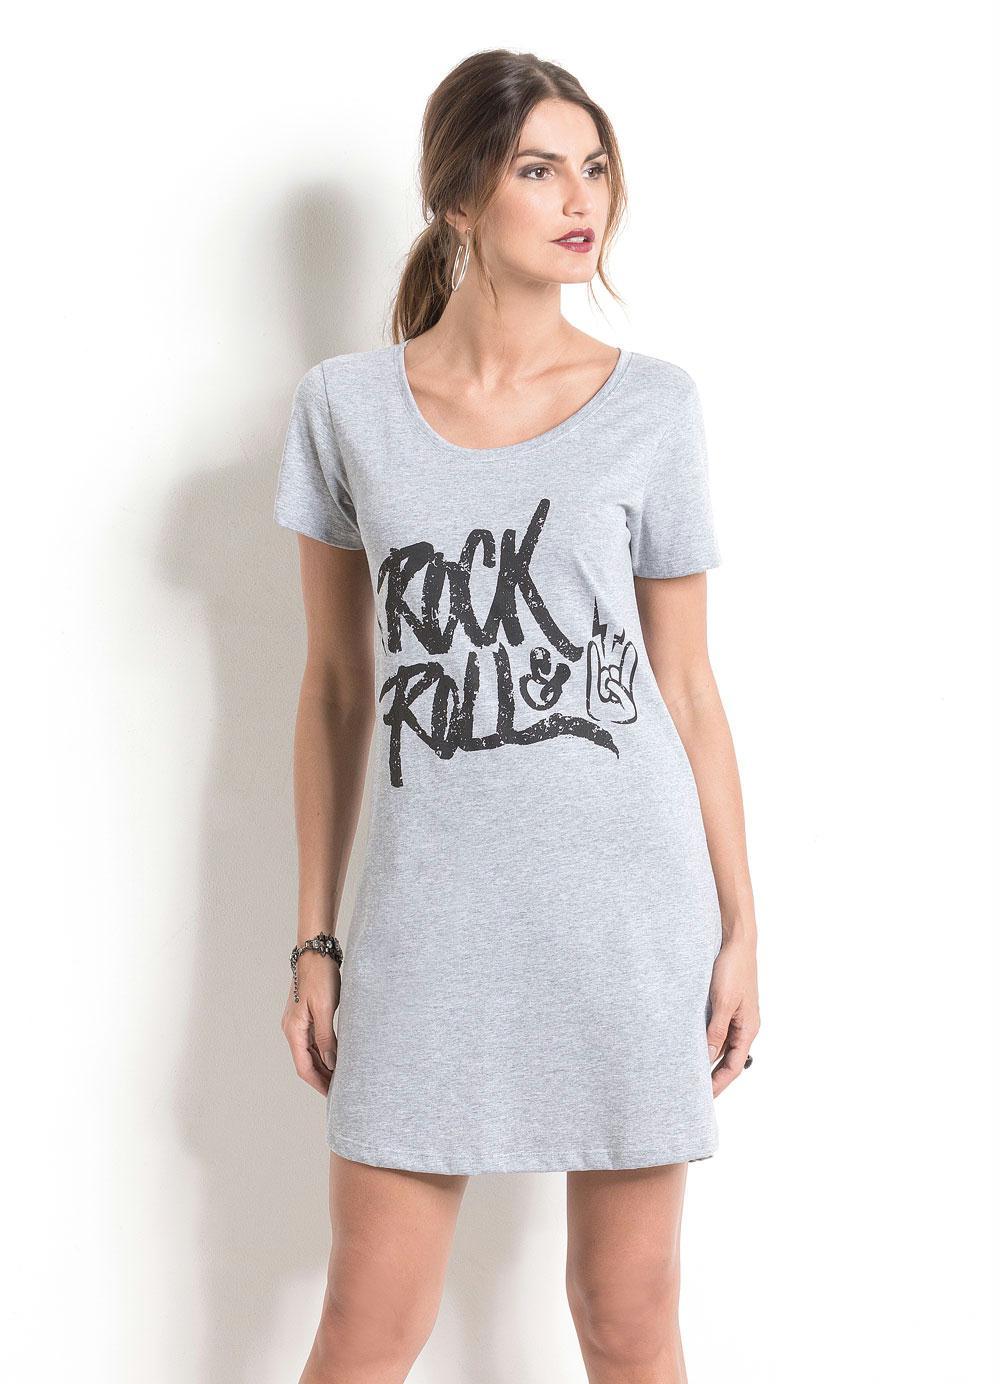 e9a42a7c1 Vestido Mescla Quintess com Estampa Rock In Roll - Quintess